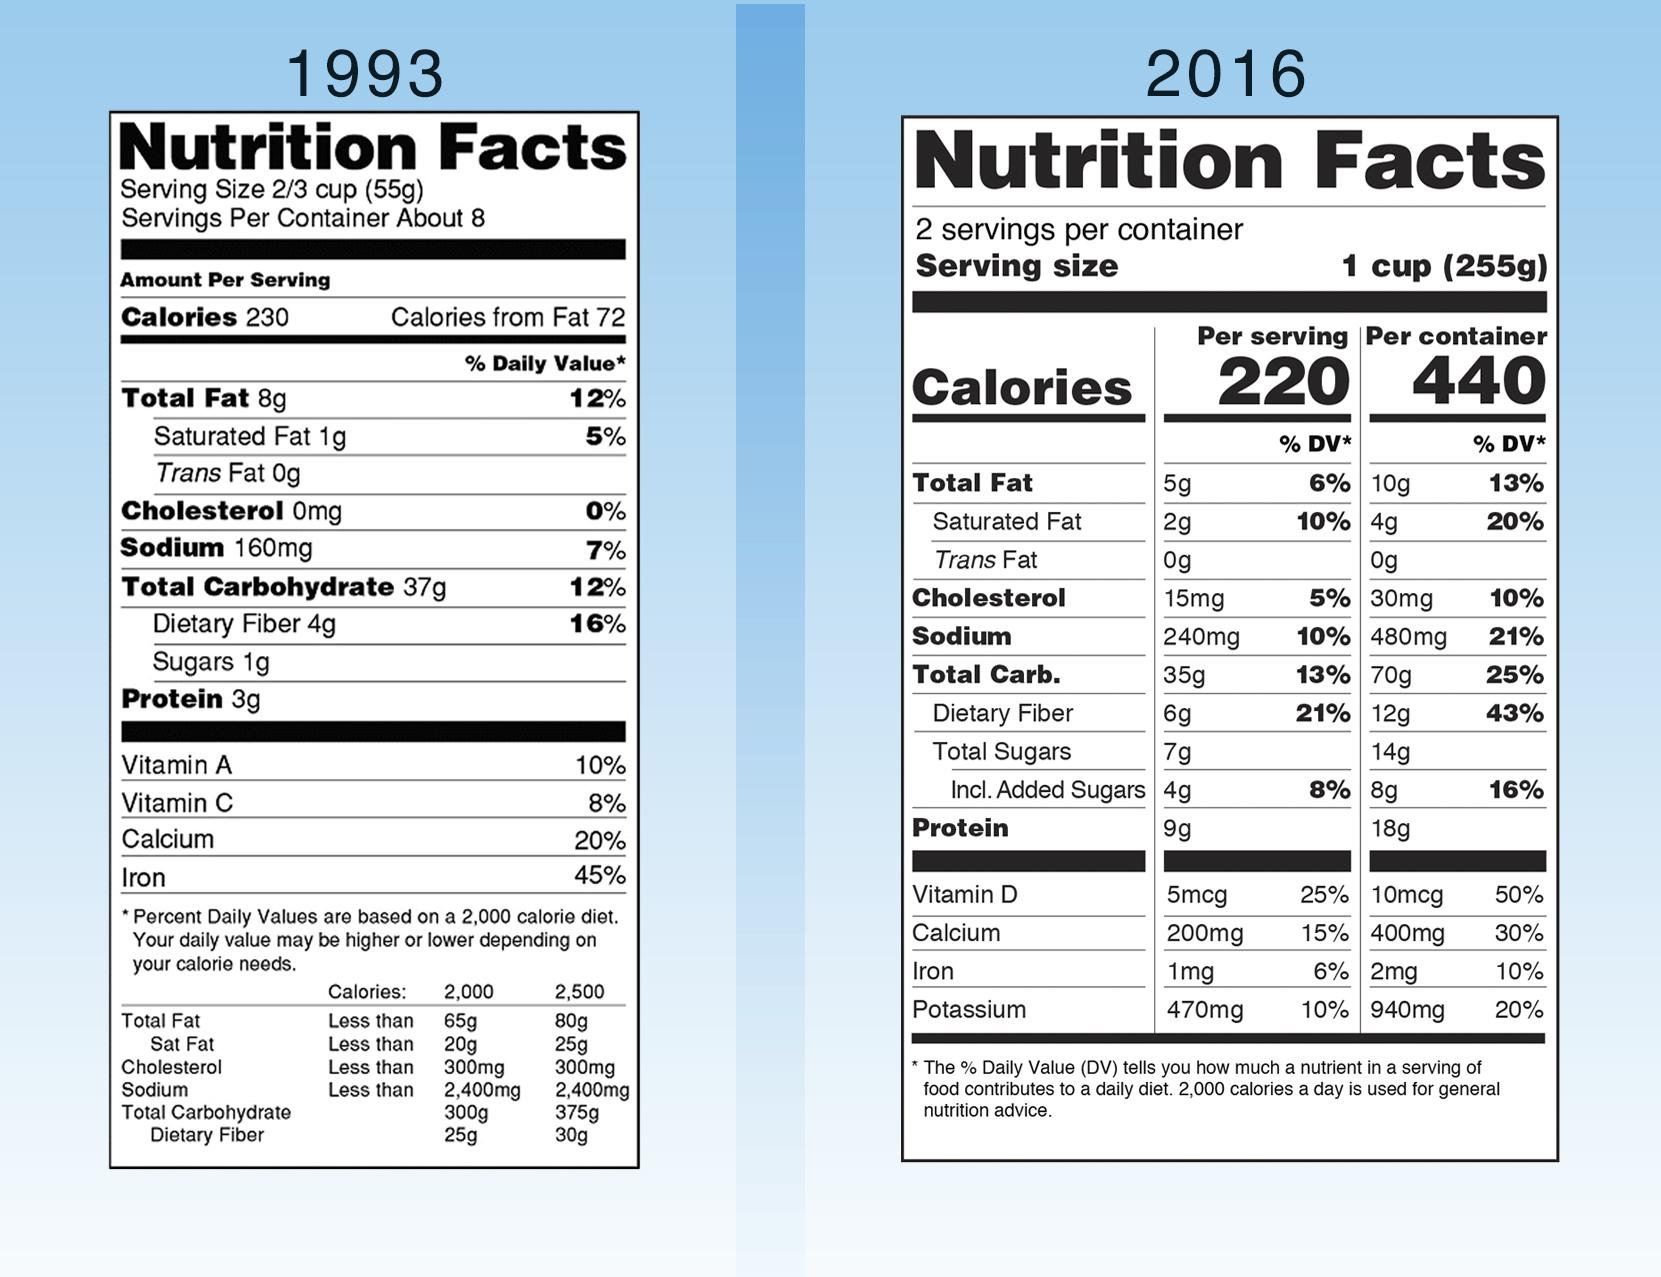 Image FDA copy 8